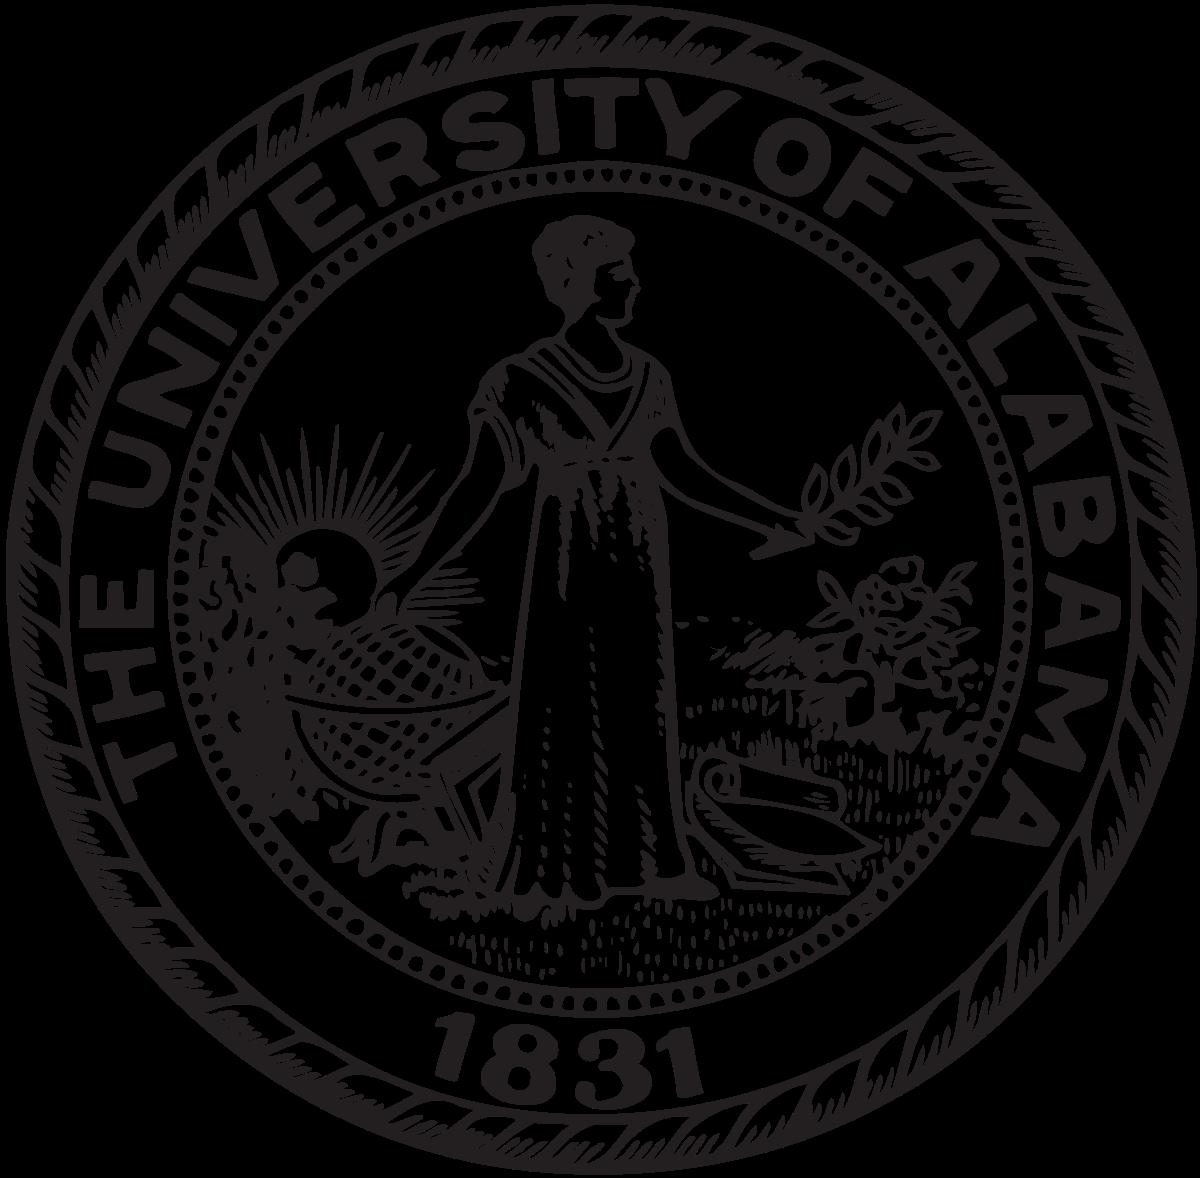 University of Alabama.